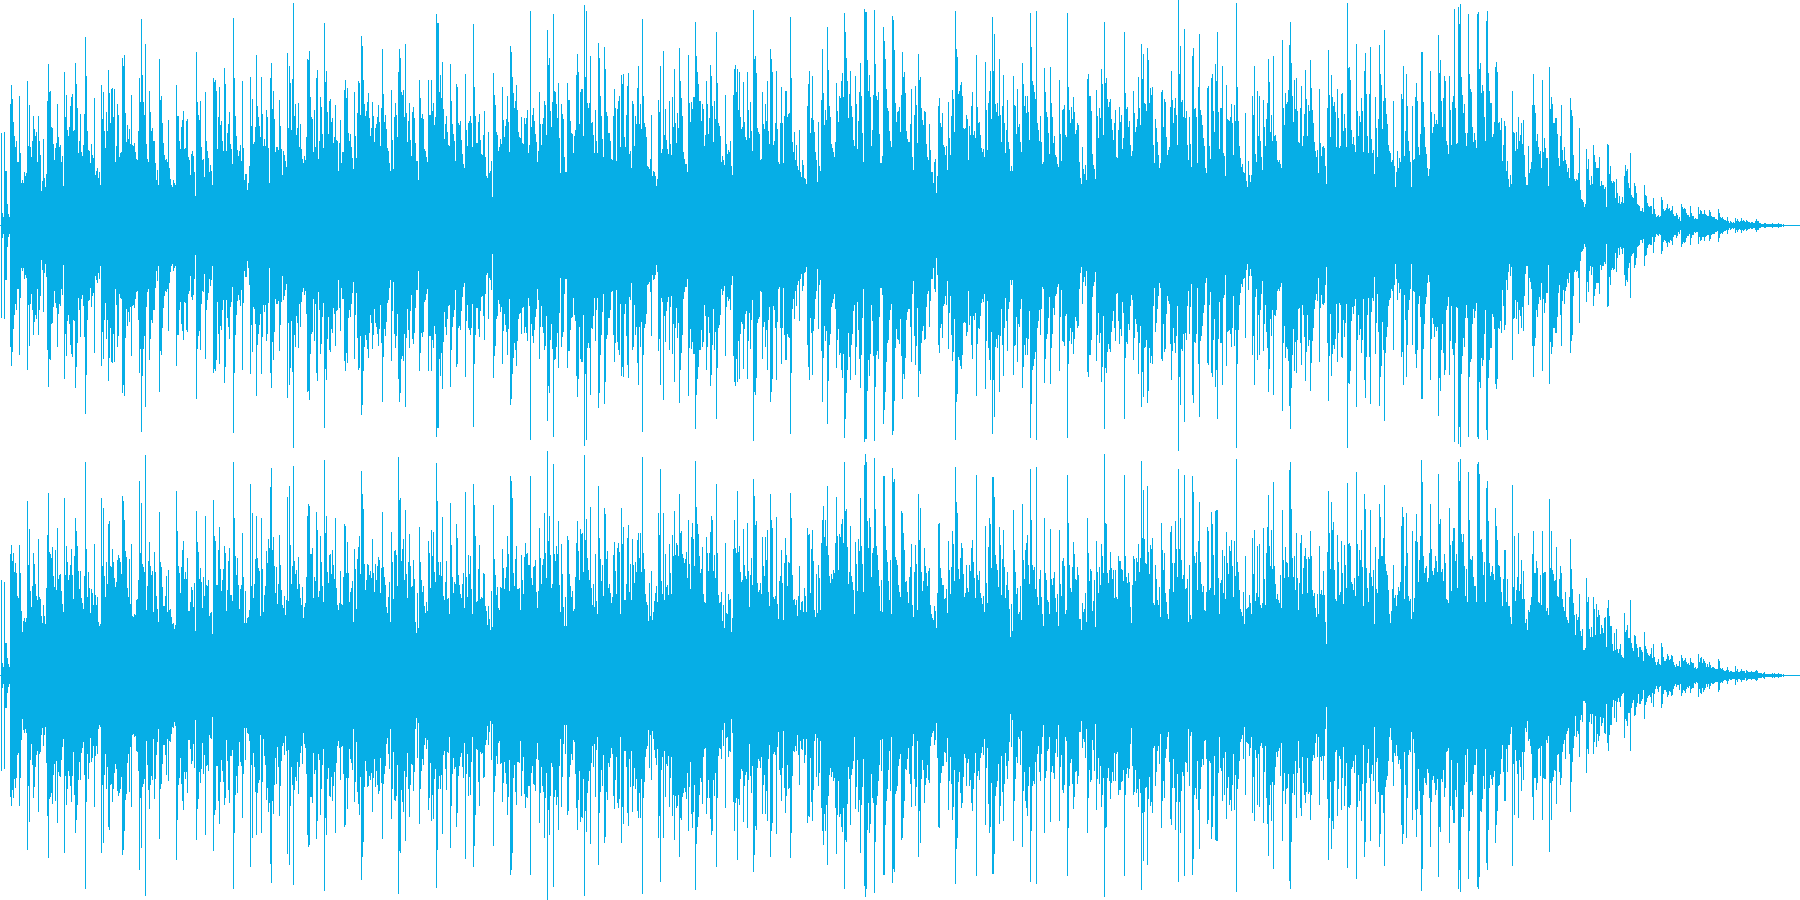 ゆったりしたピアノ・シンセサイザー曲の再生済みの波形